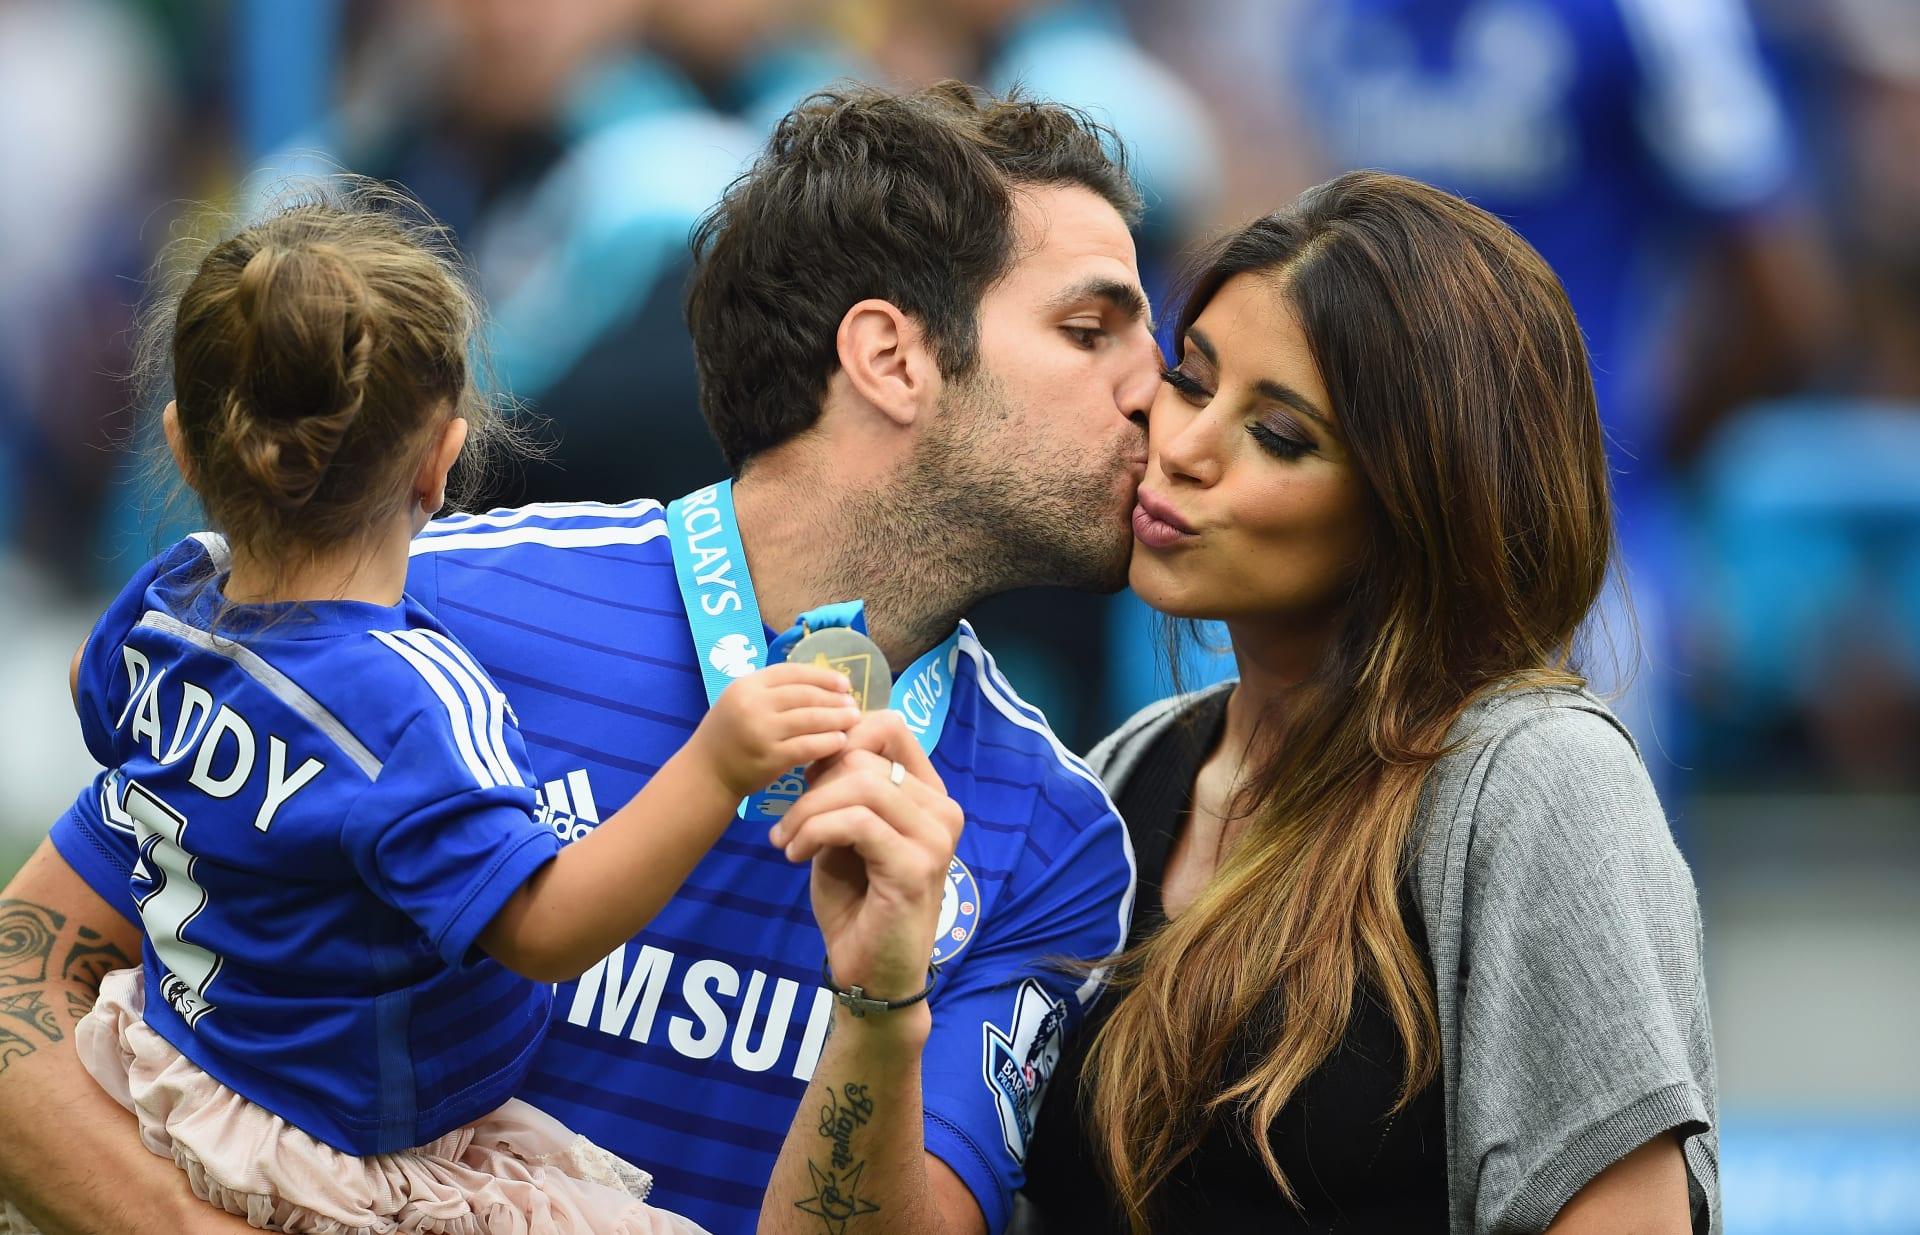 هكذا احتفل نجوم كرة القدم بعيد الحب مع شريكات حياتهم